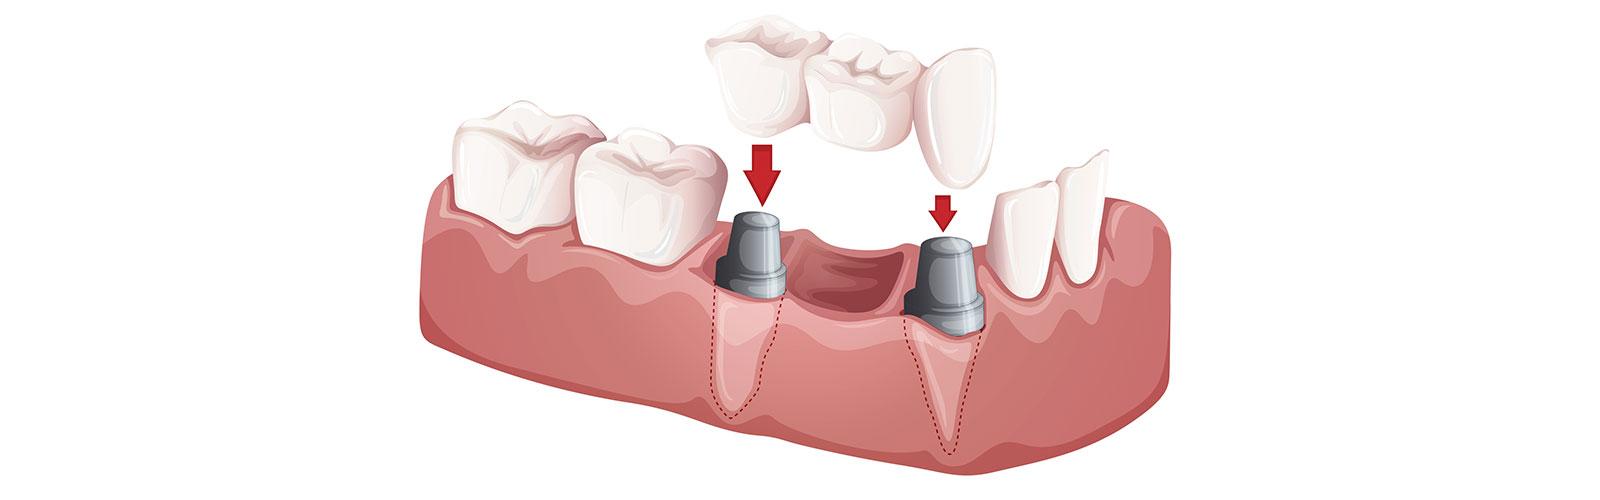 Illustration of dental bridges, A service offer at Bella Hanono Family Dentistry